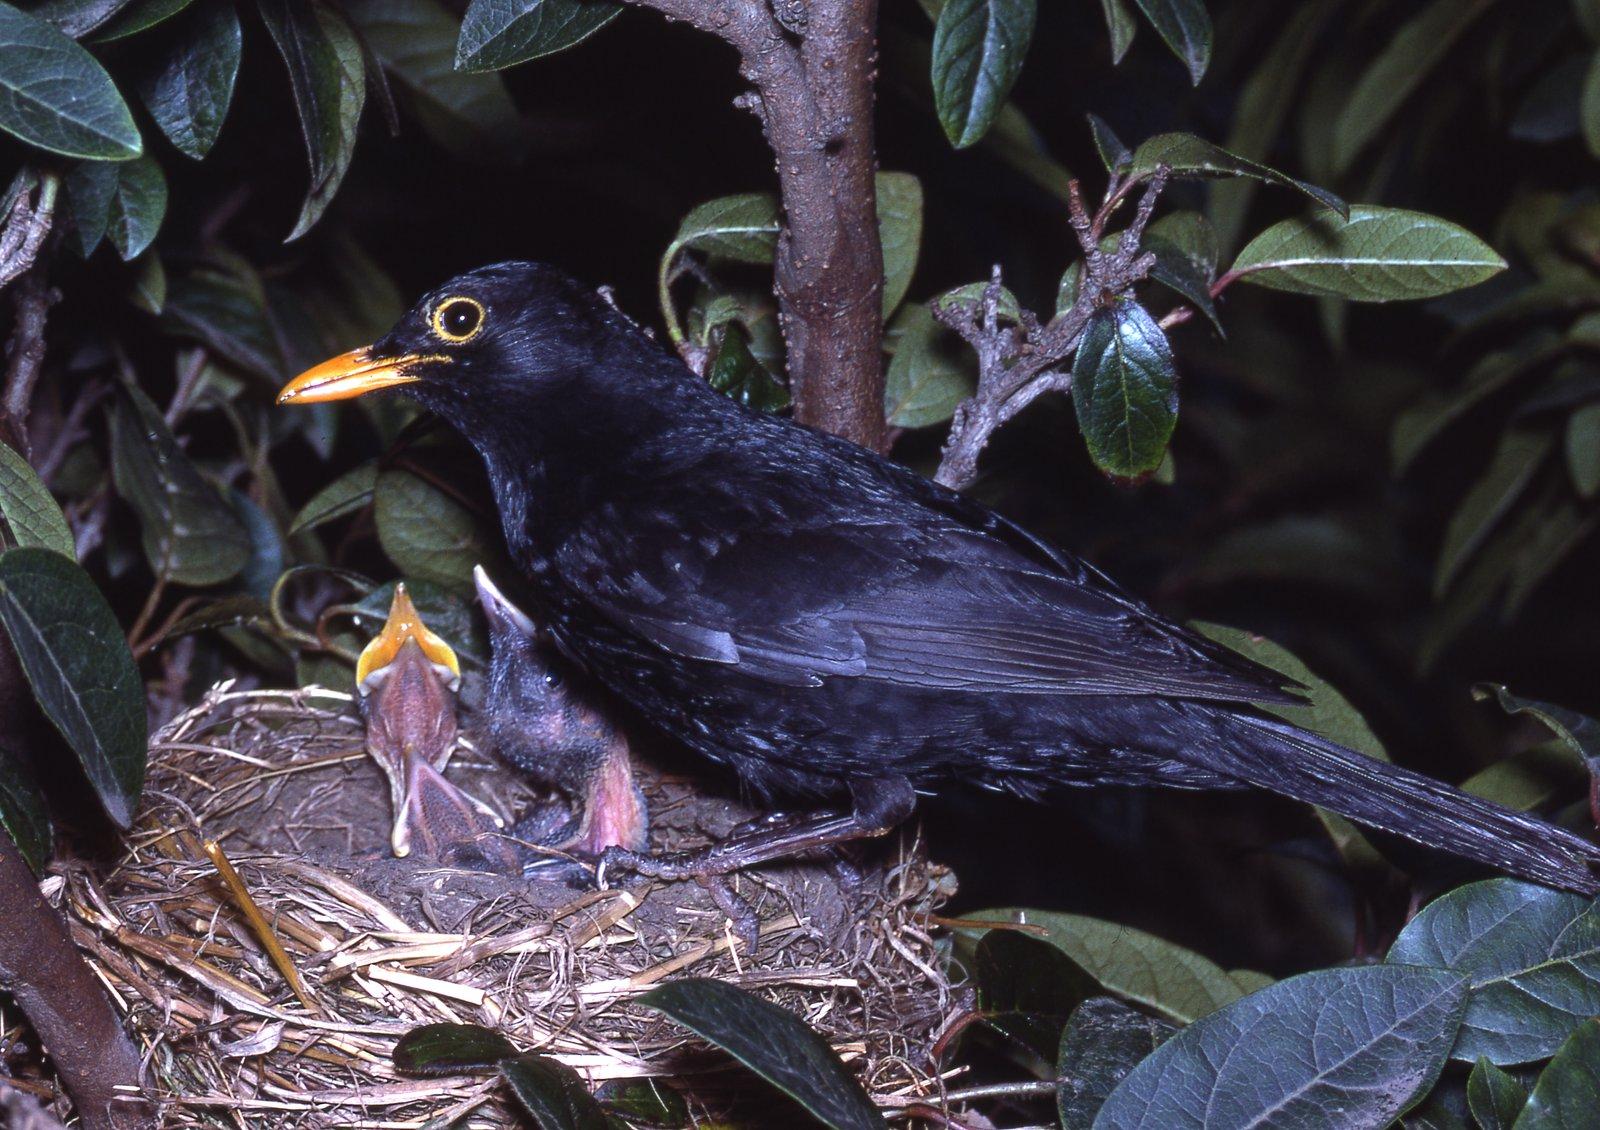 Common Blackbird, Turdus merula